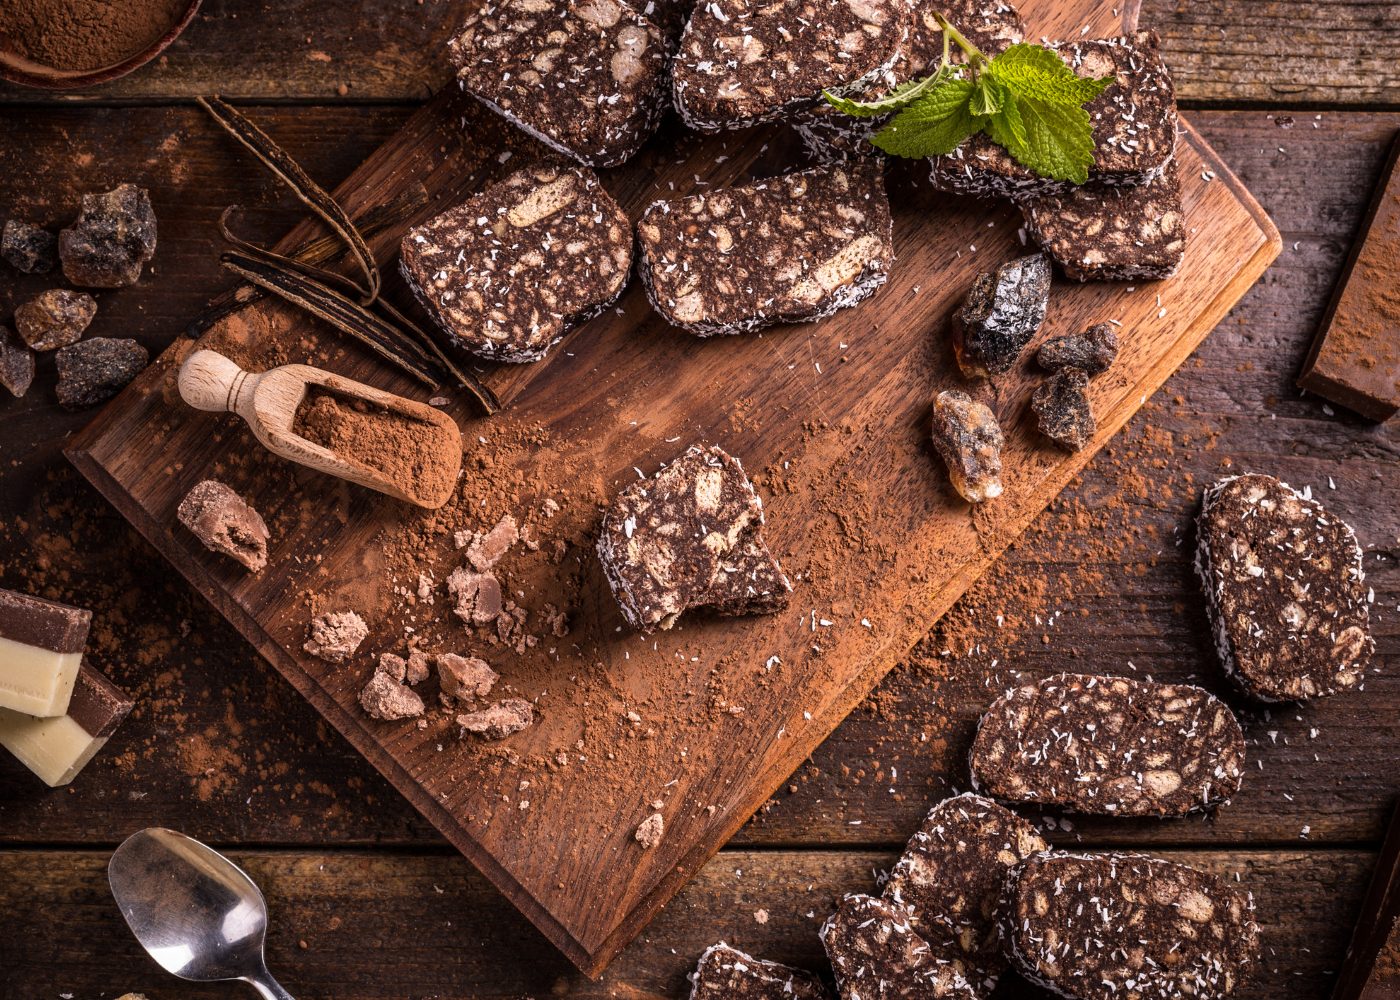 receitas de salame de chocolate absolutamente irresistiveis